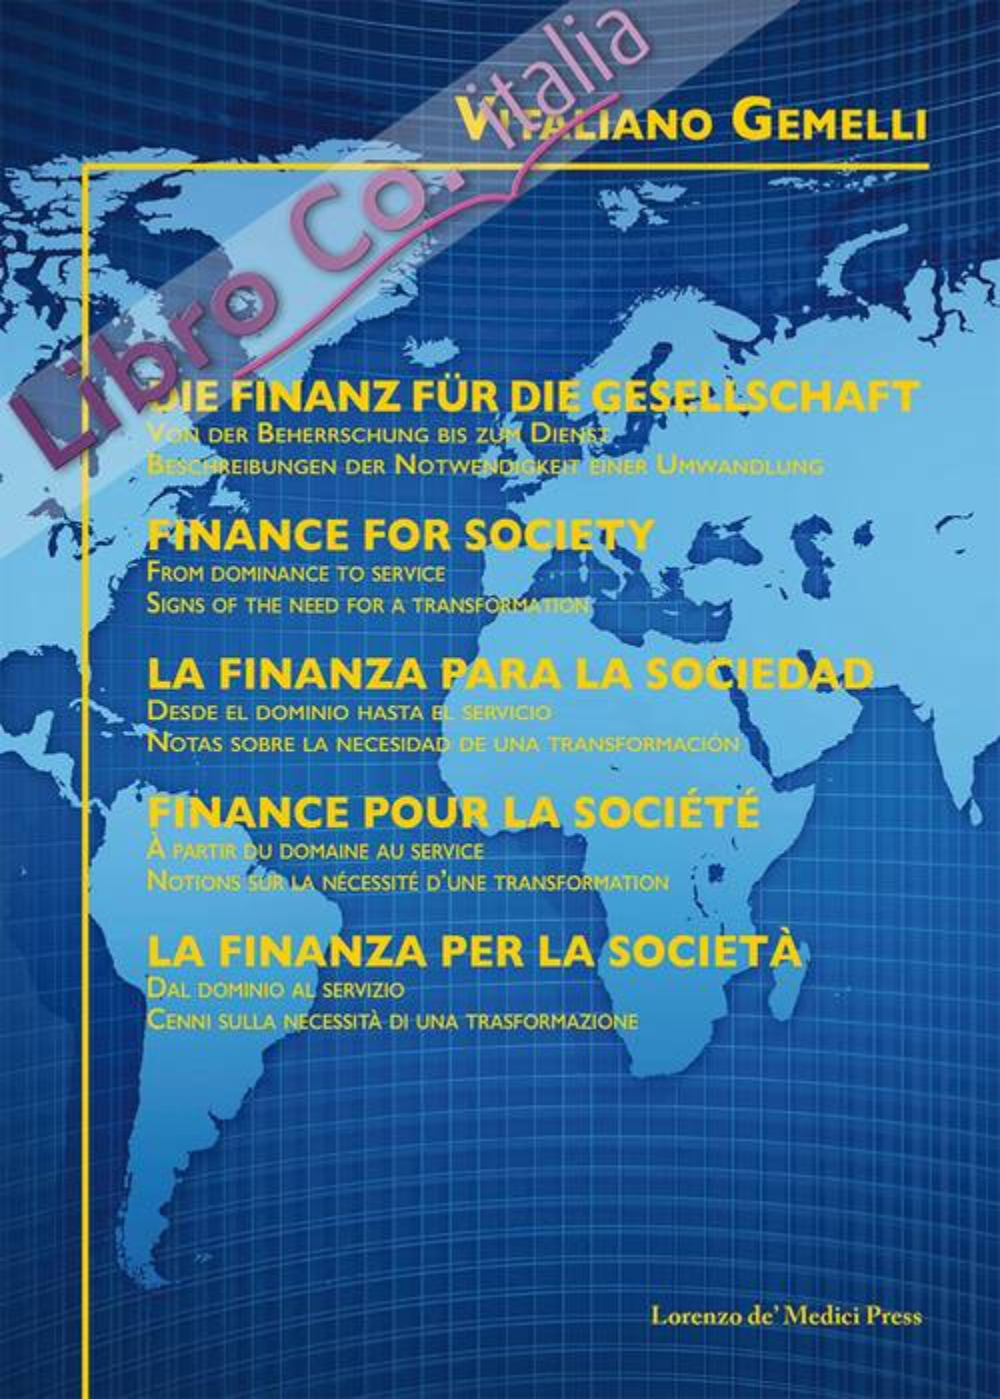 La finanza per la società. Dal dominio al servizio. Cenni sulla necessità di una trasformazione. Ediz. multilingue